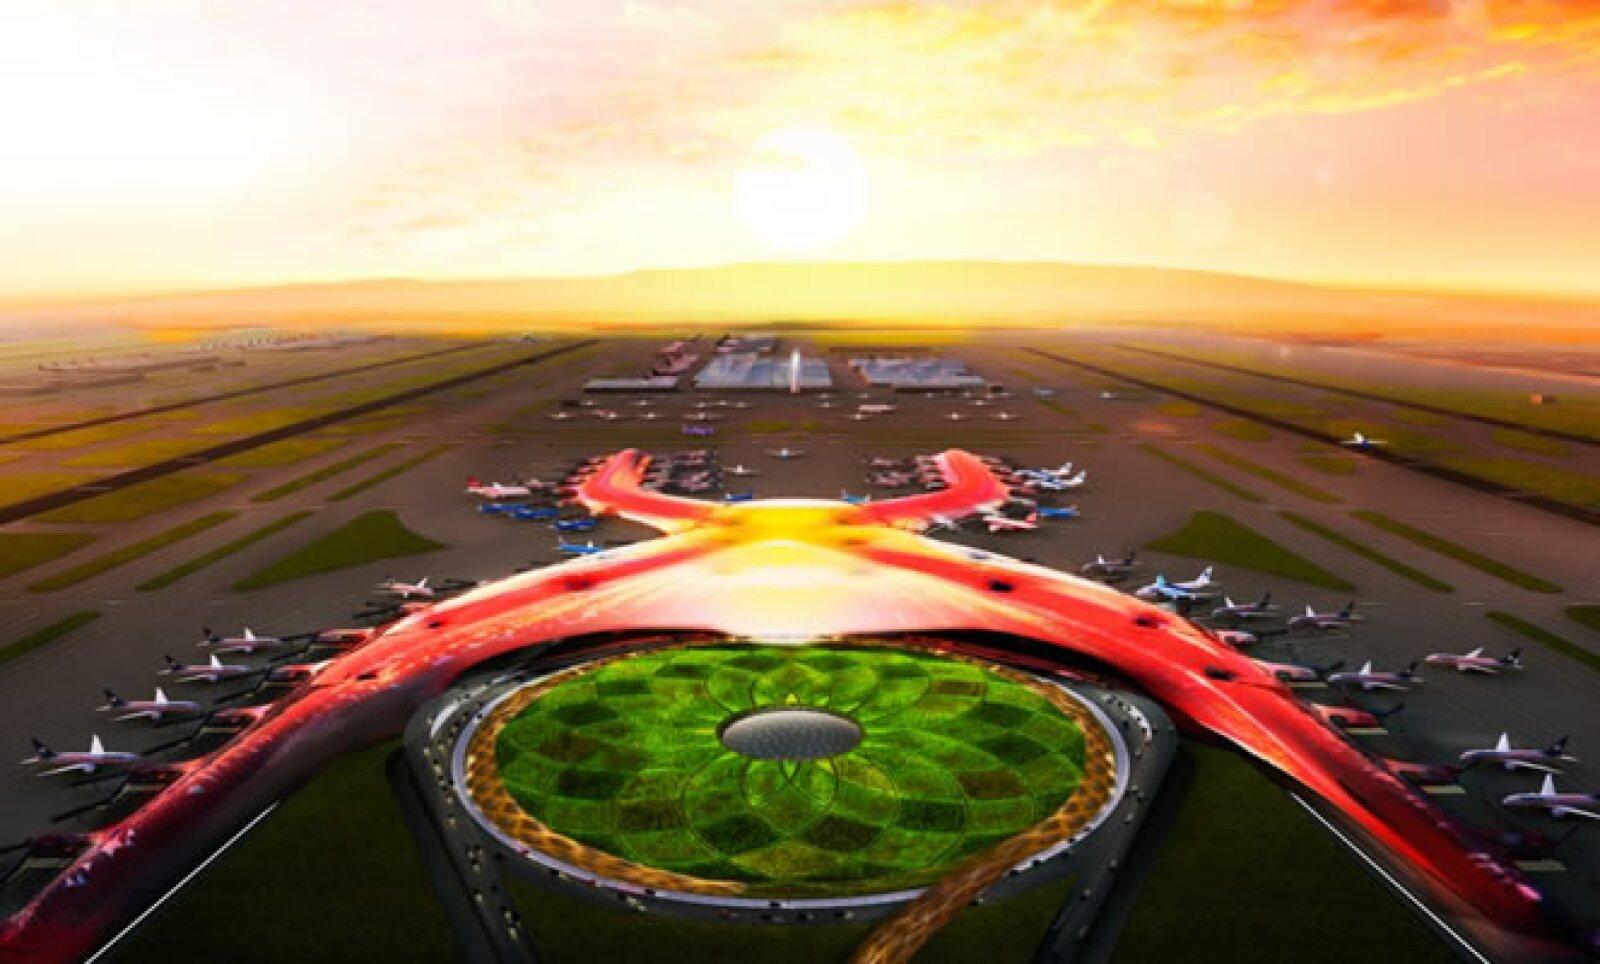 El nuevo aeropuerto buscará impulsar el turismo y la generación de nuevas inversiones.